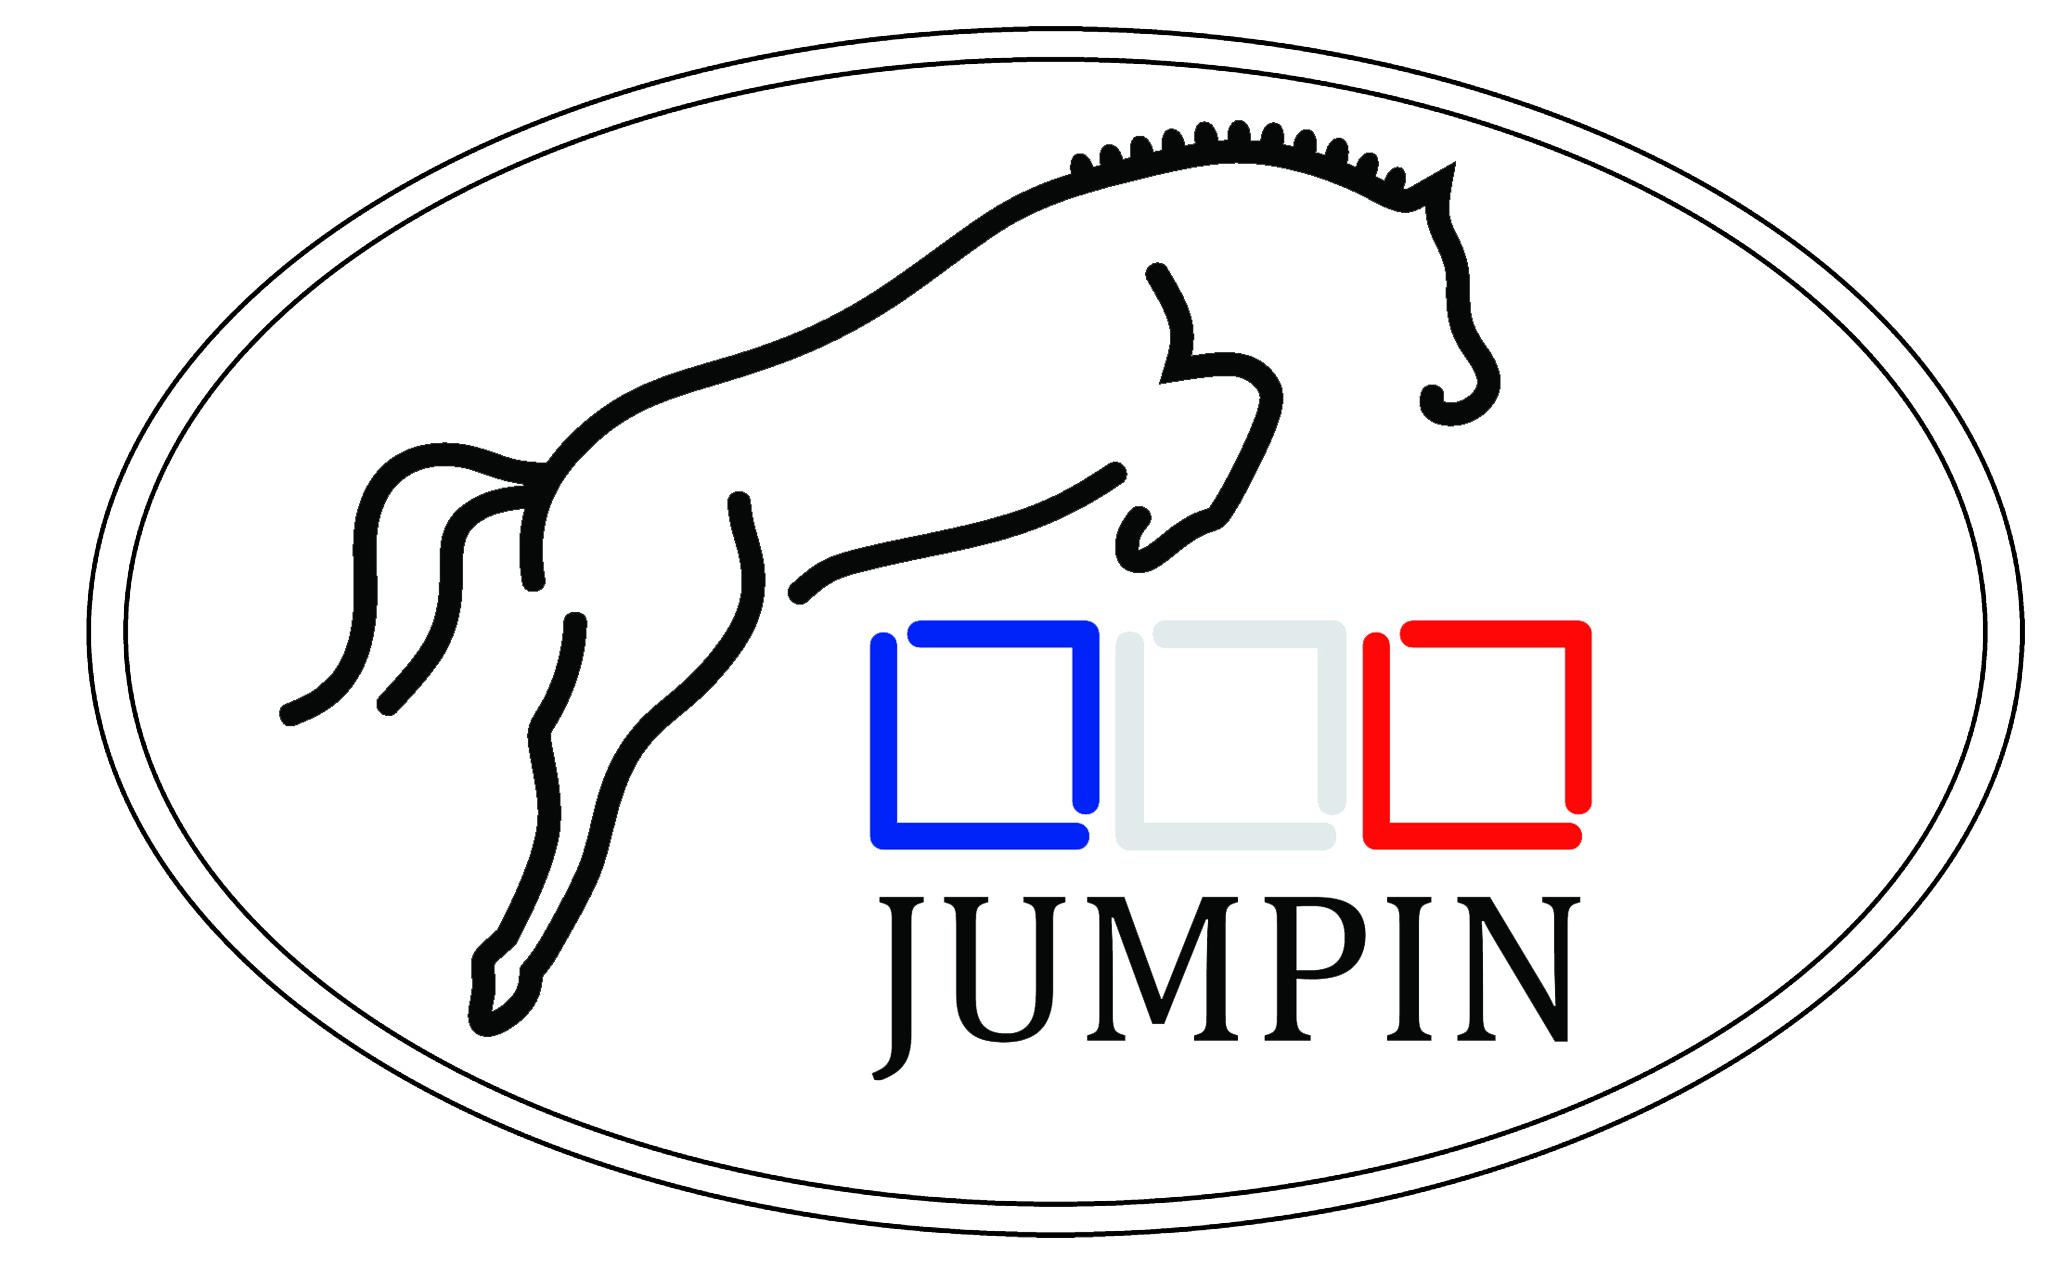 Jumpin.